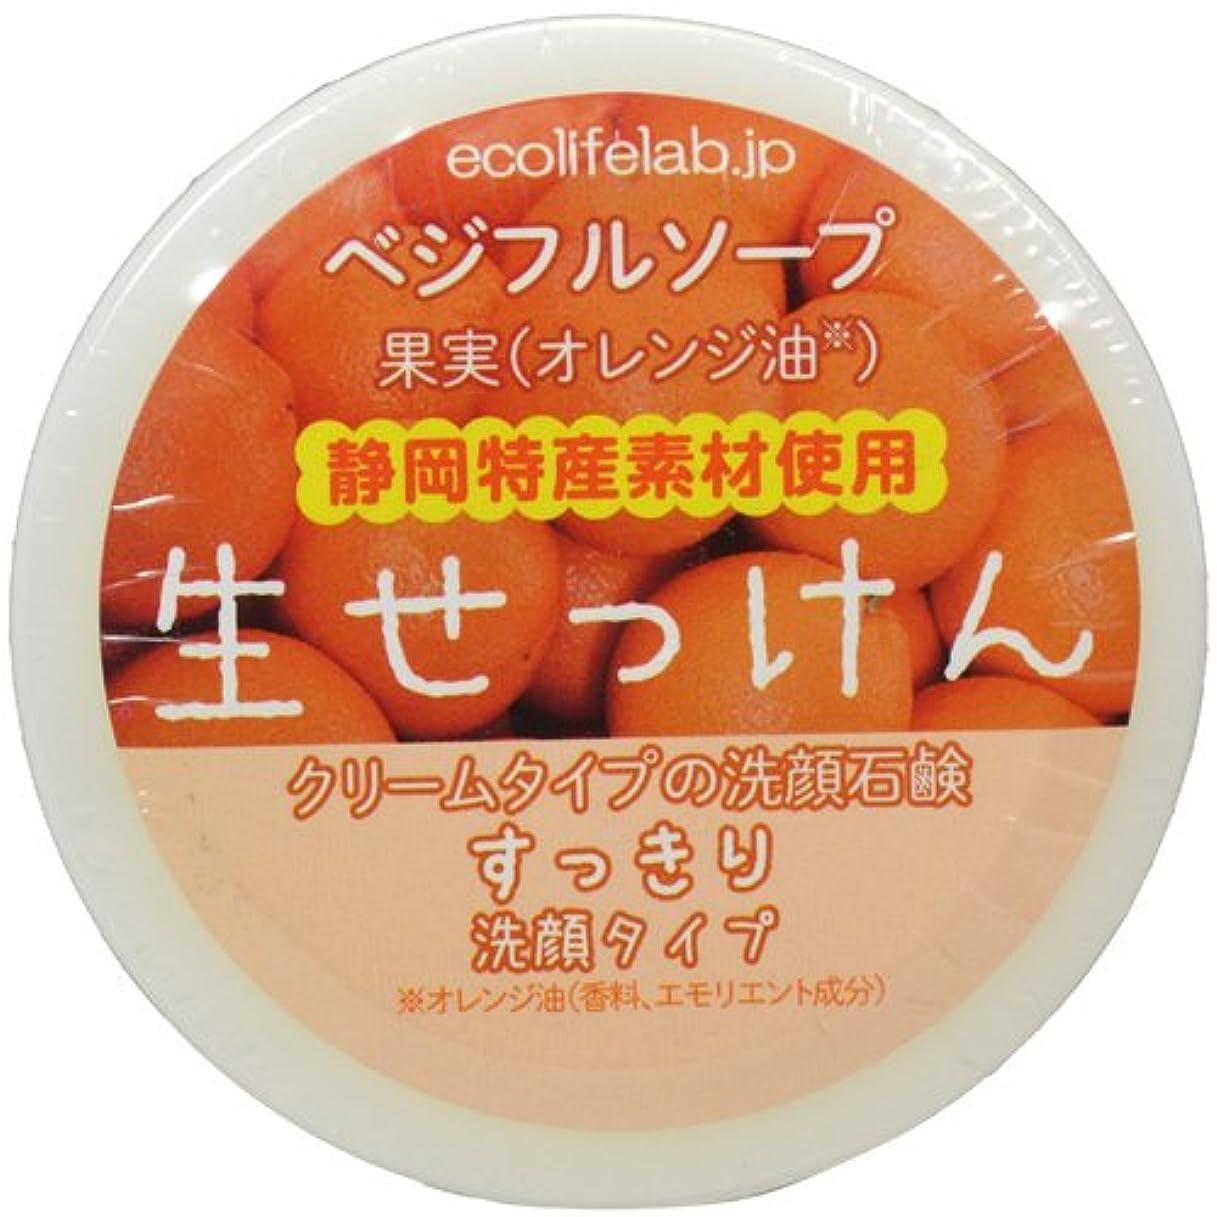 笑質素なガジュマルベジフルソープ 生せっけん(果実) すっきり洗顔タイプ 40g